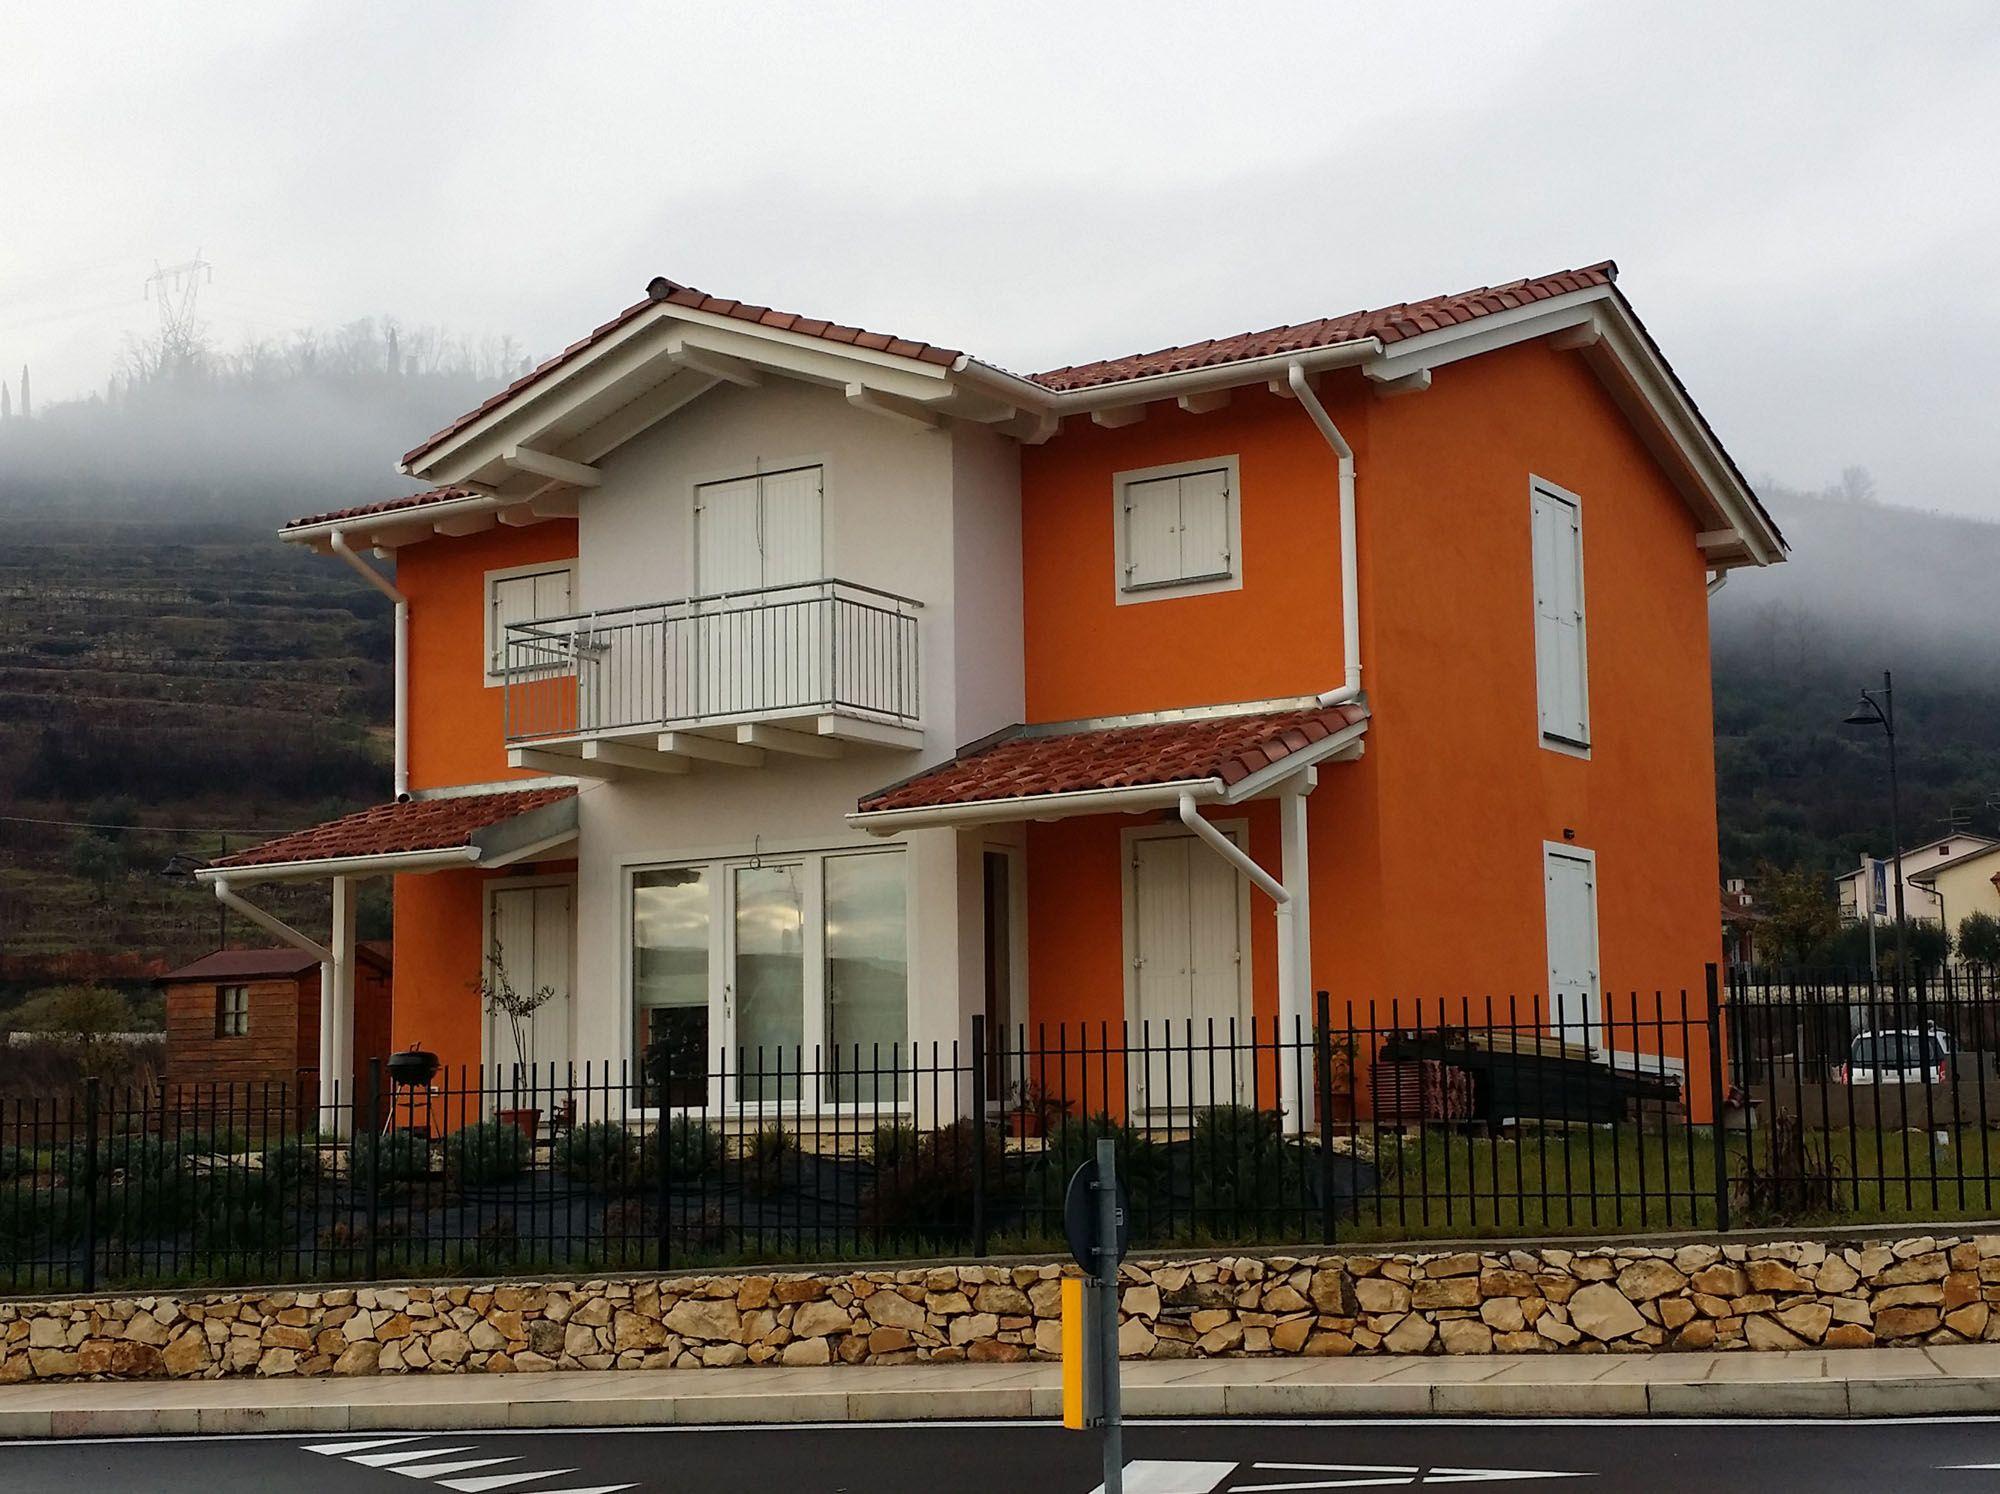 Villa a due piani architetto paolo crivellaro for Piani di progettazione architettonica